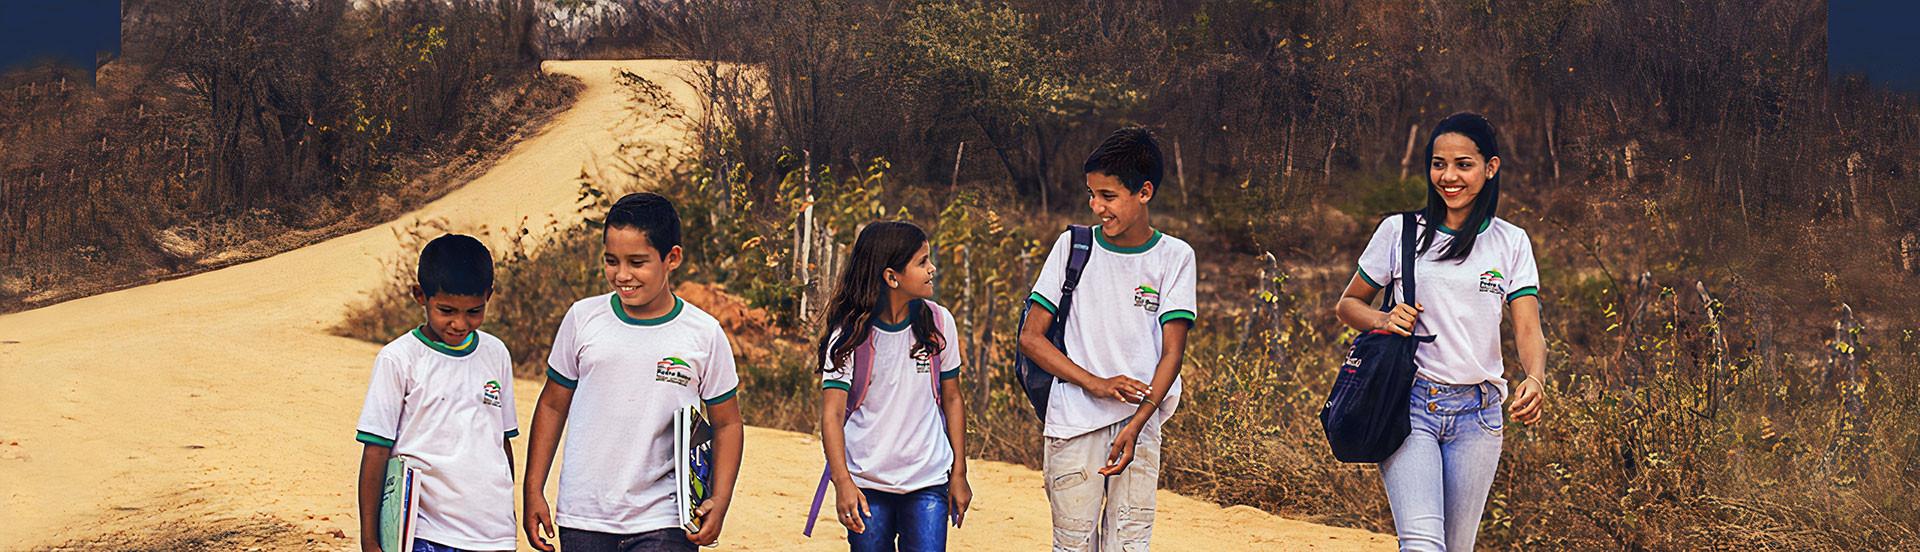 Crianças a caminho da escola